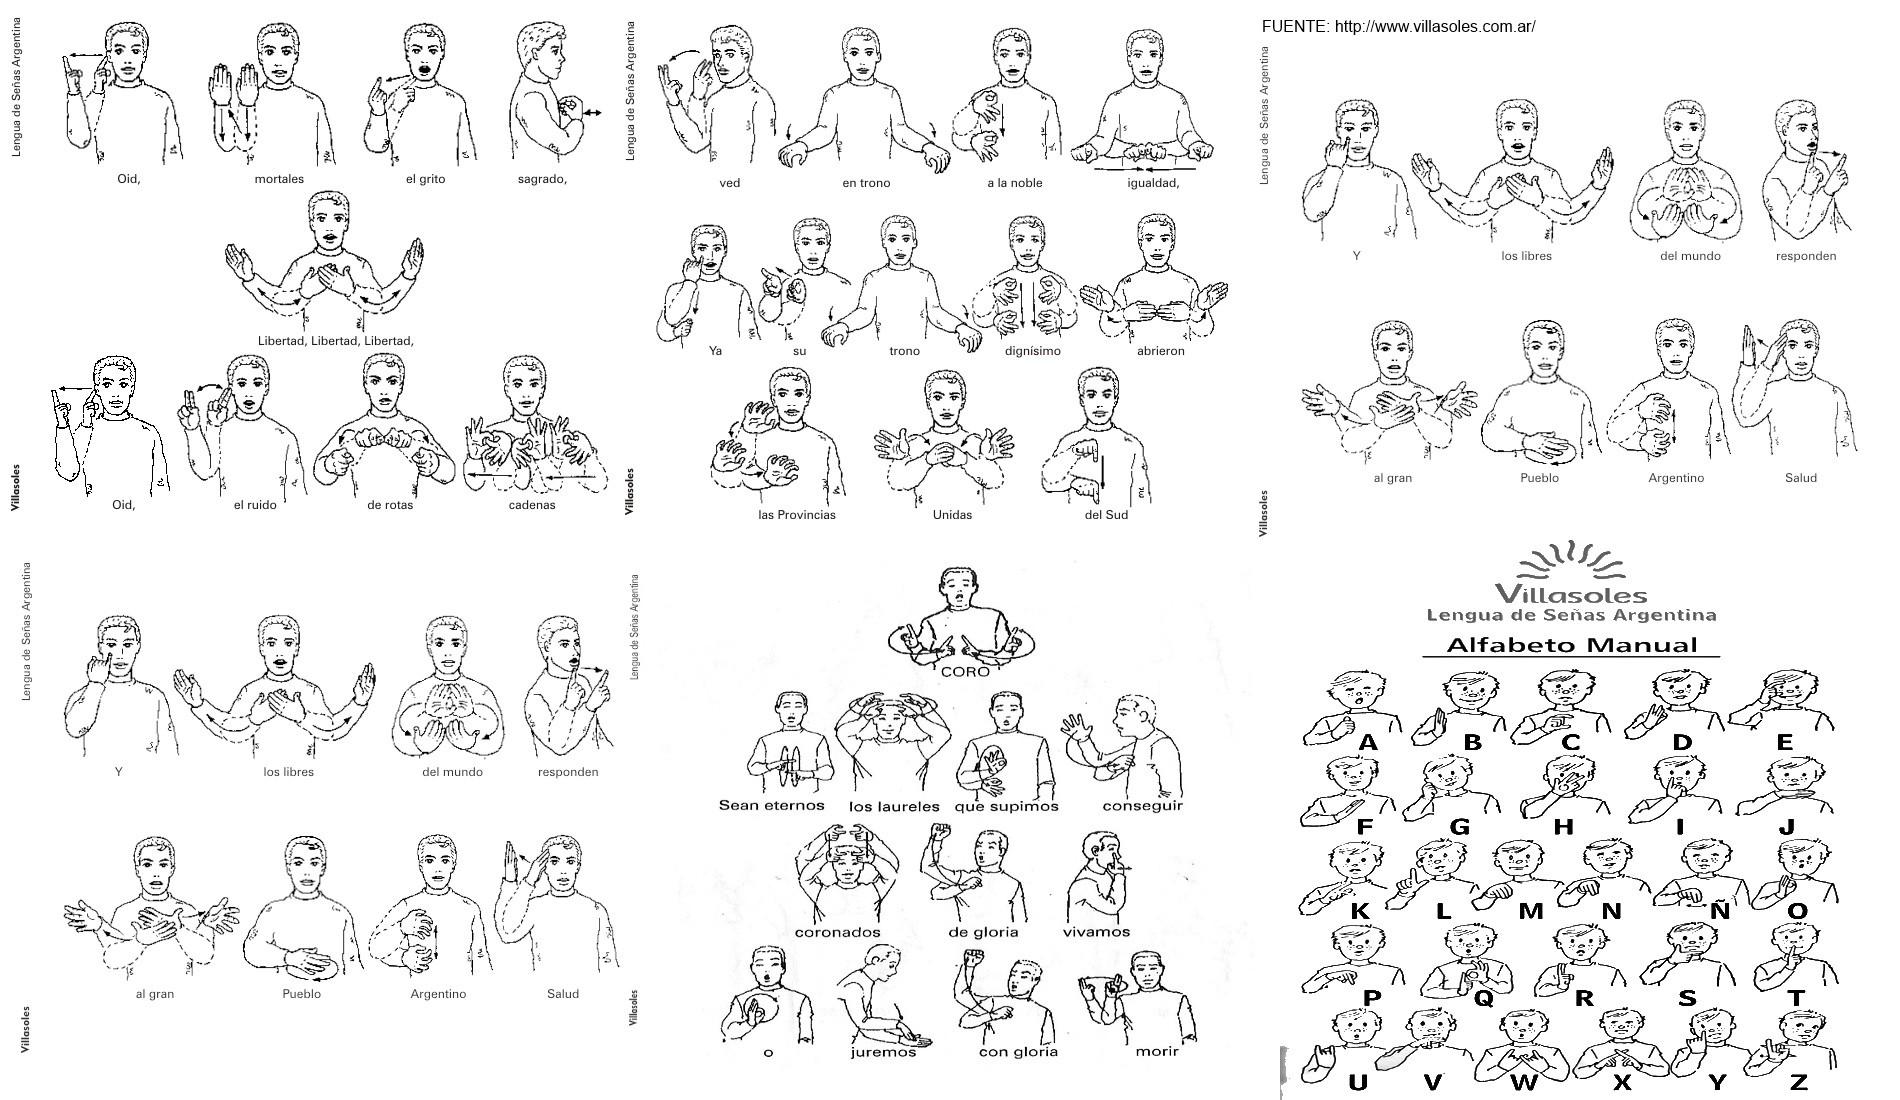 Imprimir Calendario 2019 Março Más Recientes 2013 Mayo 09 Para Jefaturas Regionales Y Distritales Of Imprimir Calendario 2019 Março Más Recientes Apoyo Primaria